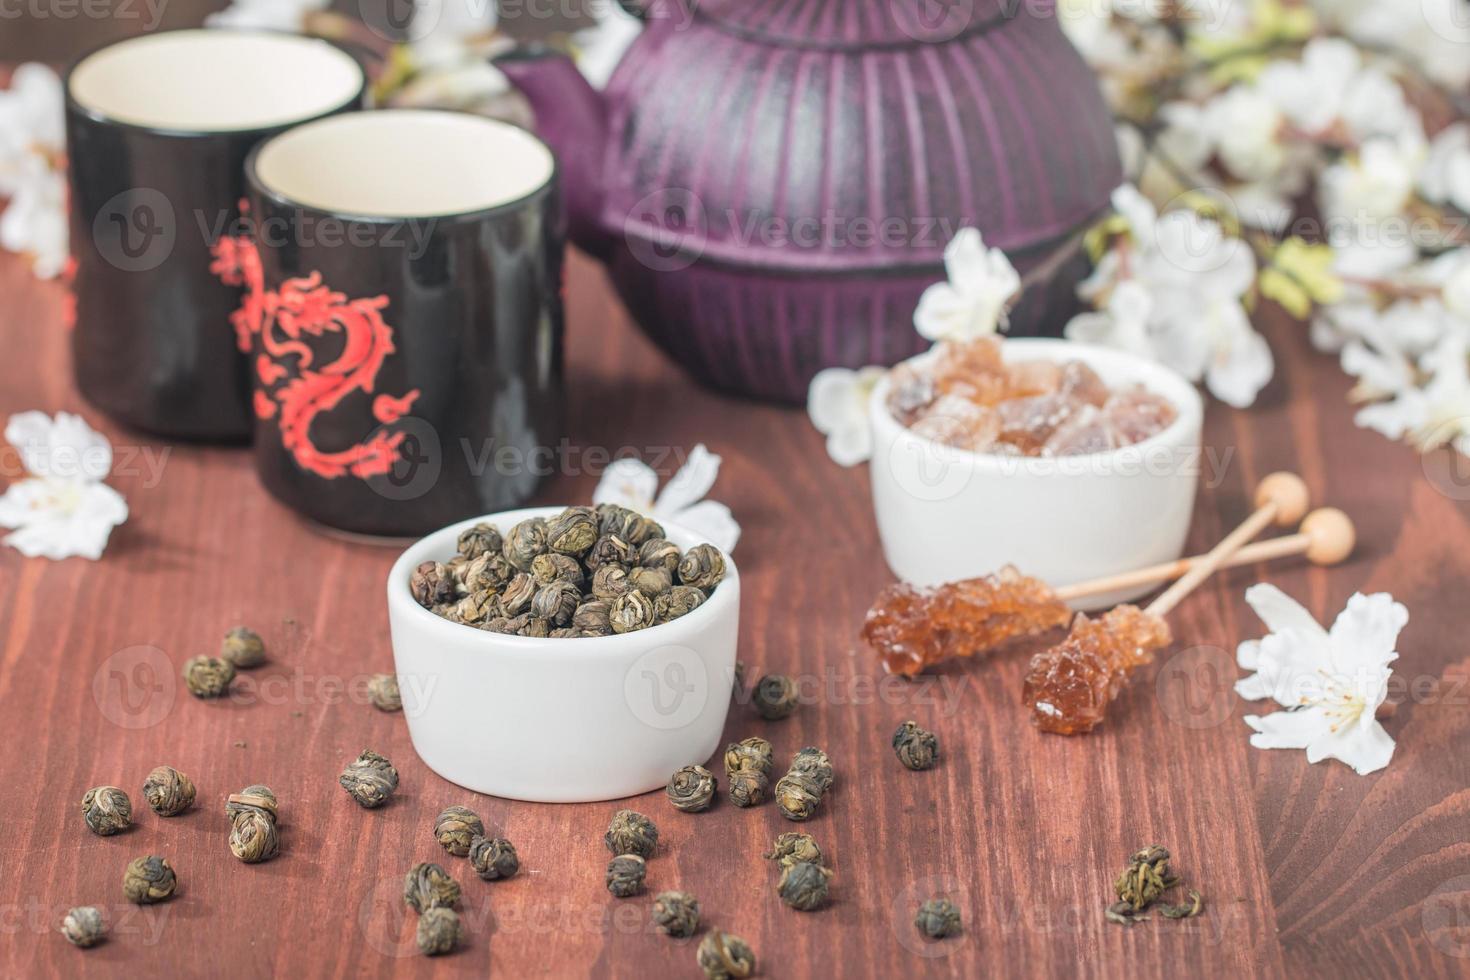 Juego de té asiático con té verde seco y azúcar. foto